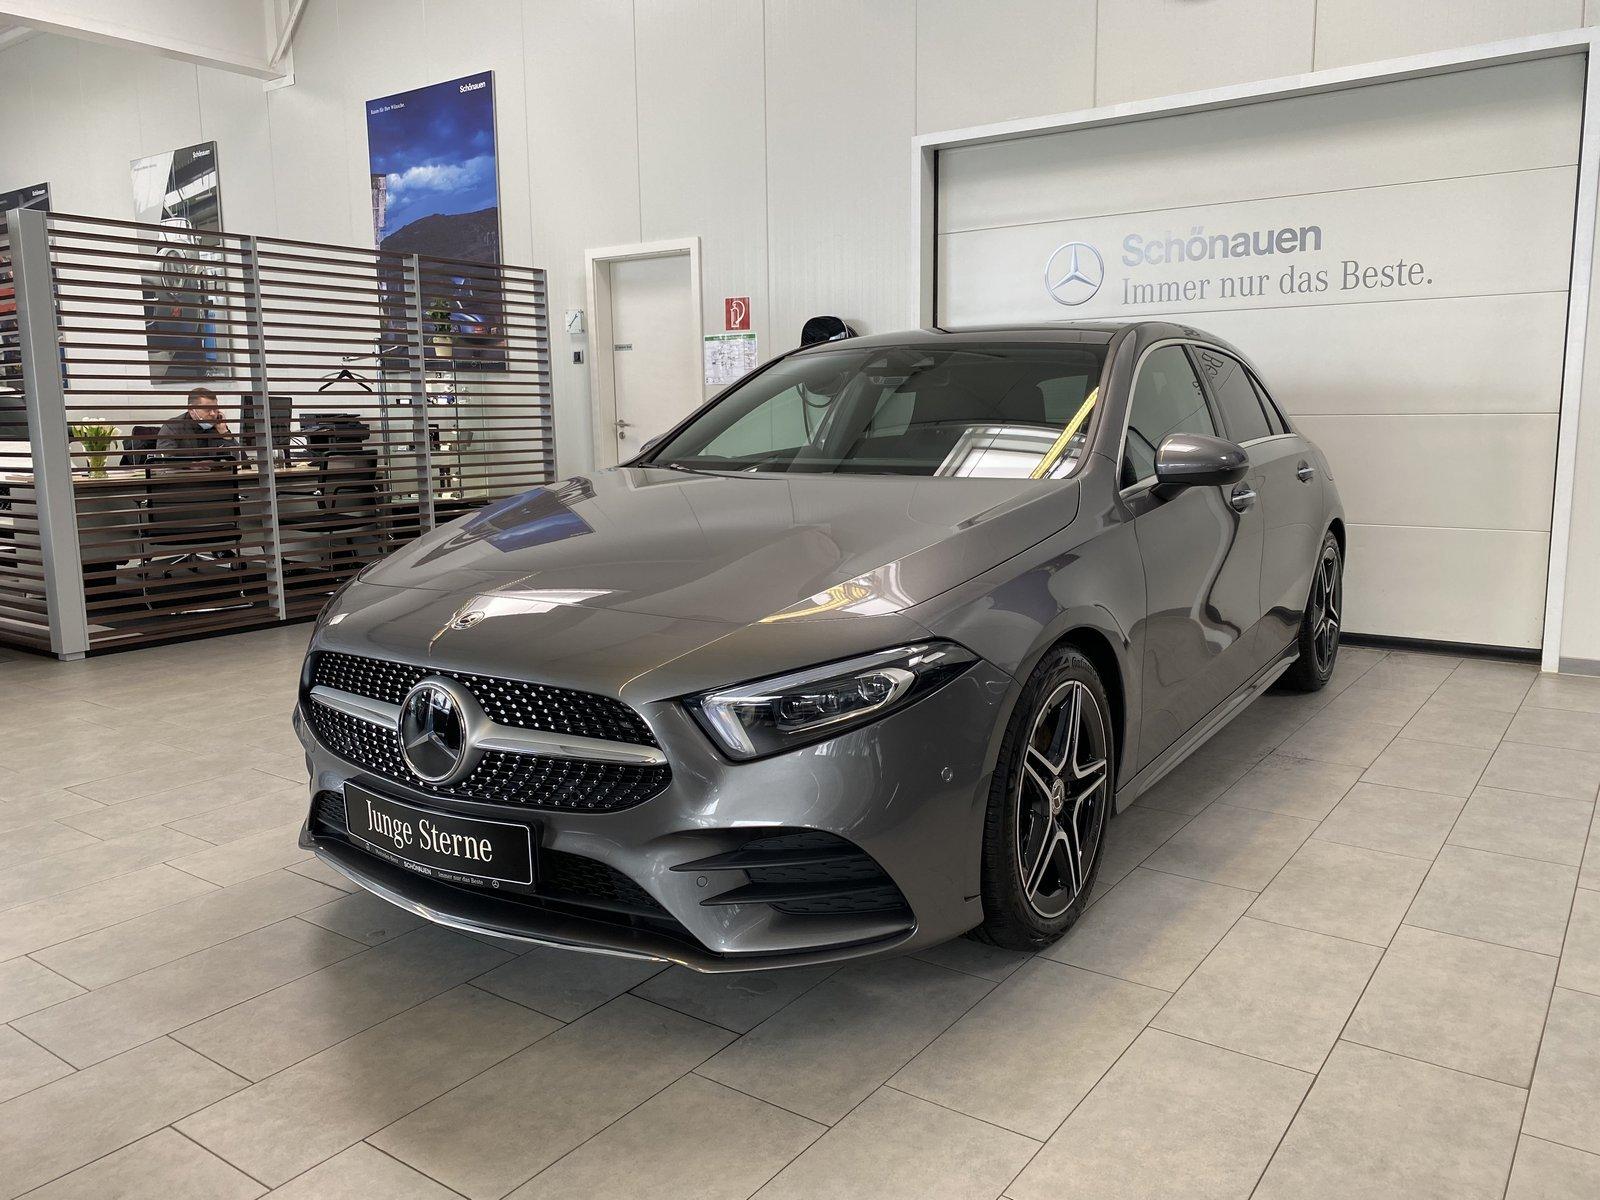 Mercedes-Benz A 220 4M AMG+PANO+DISTRONIC+KEYLESS+MULTIB+SOUND, Jahr 2020, Benzin